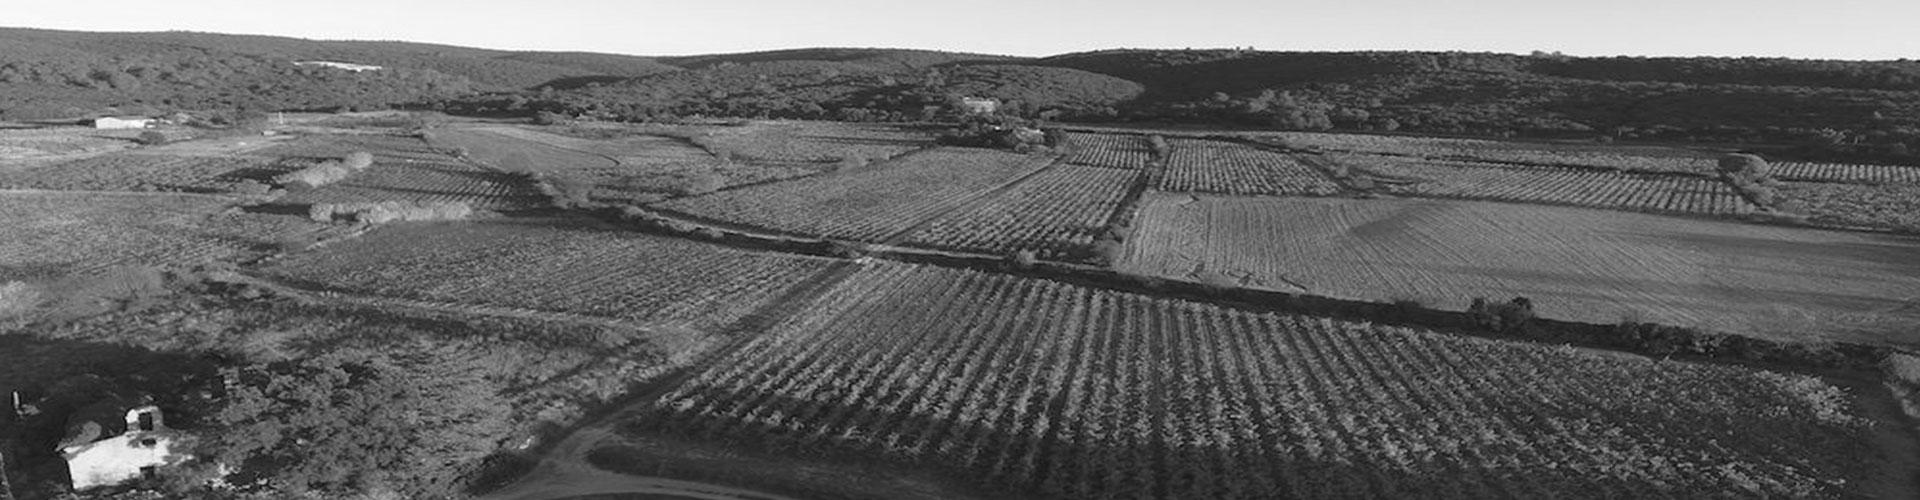 Domaine Cap d'Aniel, AOP Terrasses du Larzac, IGP Saint Guilhem le Désert Gignac Hérault